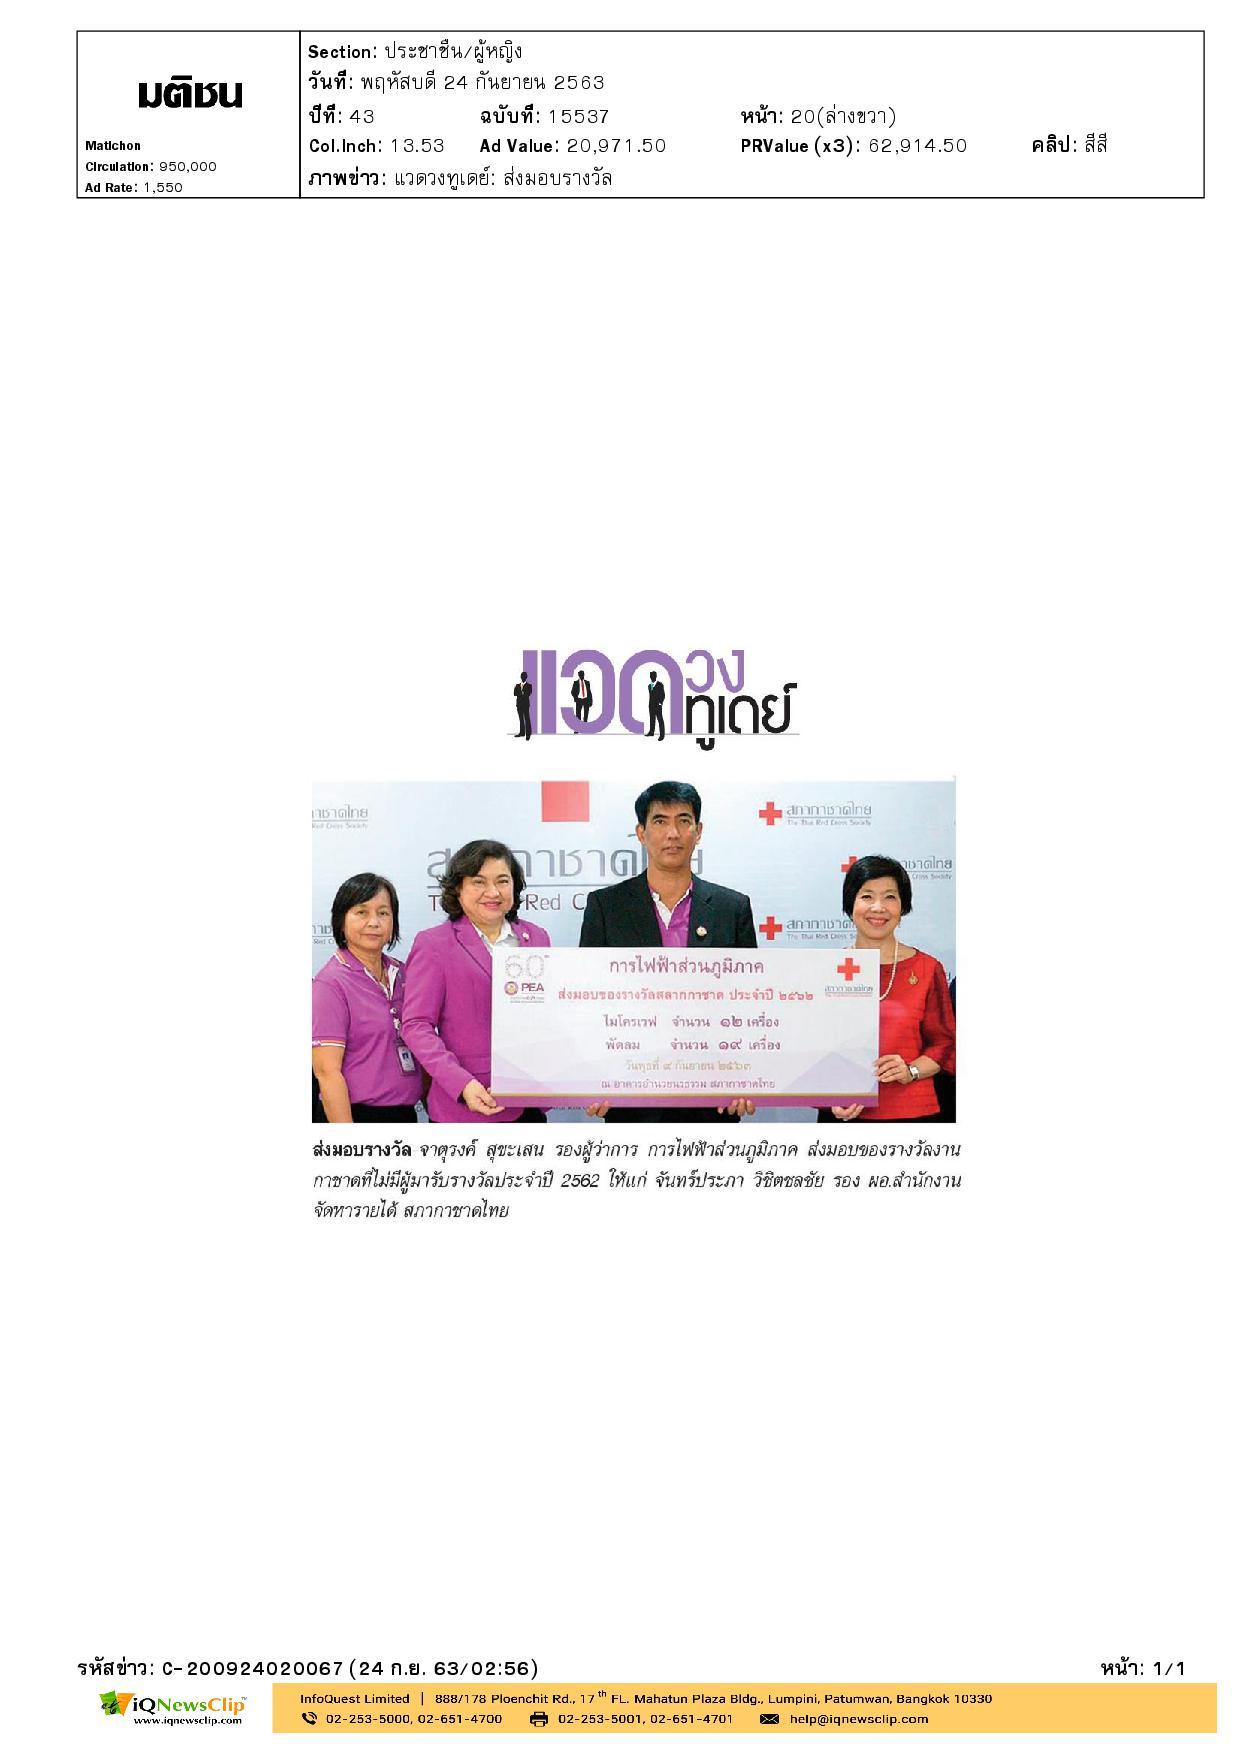 มอบของรางวัลงานกาชาดที่ไม่มีผู้มารับรางวัล ประจำปี 2562 ให้แก่สภากาชาดไทย